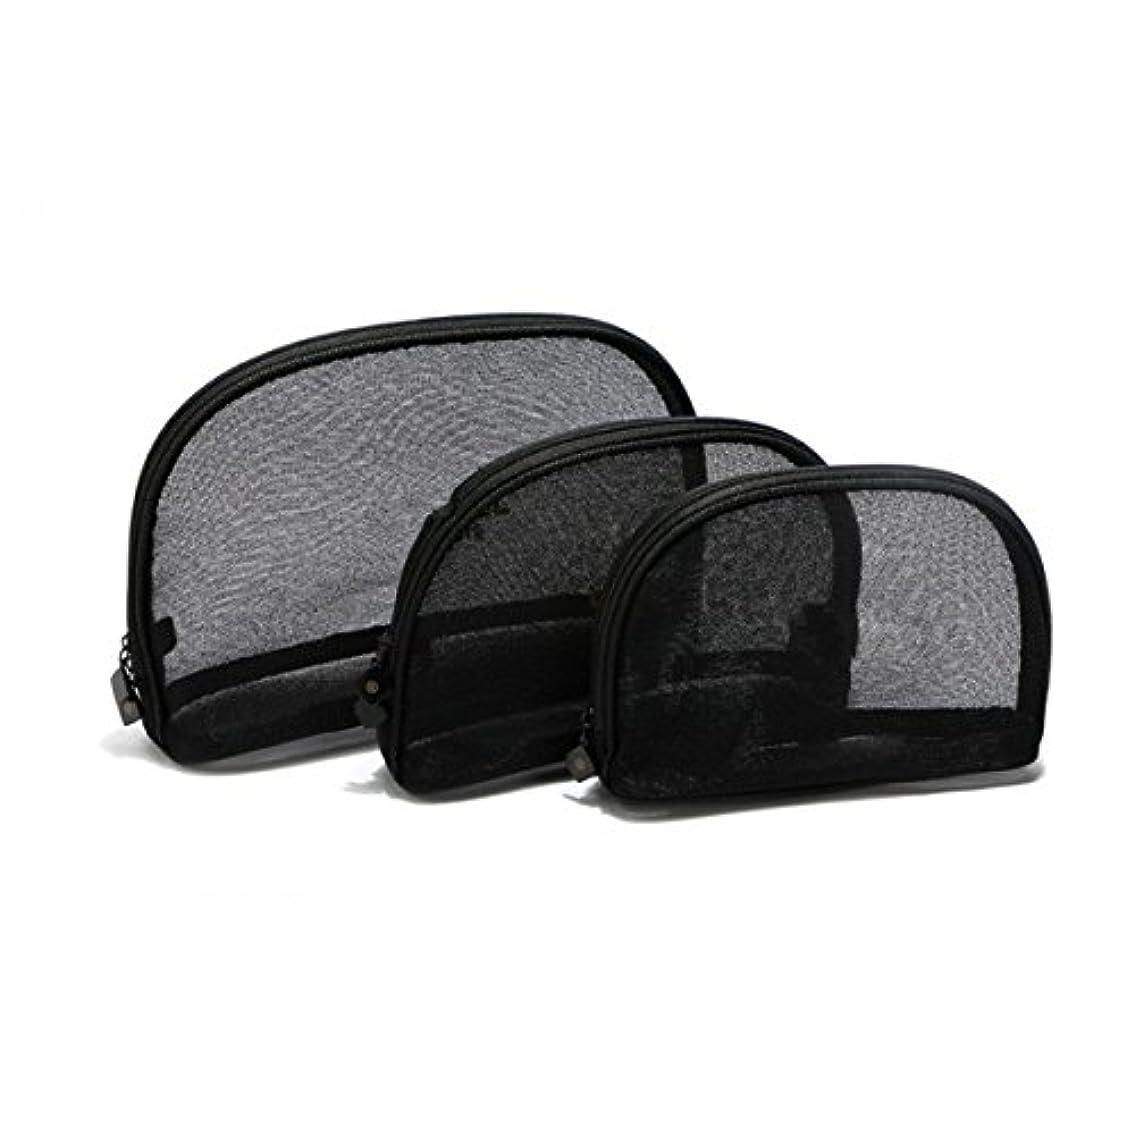 再撮り支援するとてもKingsie メッシュポーチ コンパクト トラベルポーチ 化粧バッグ 透明 クリア 小物入れ 洗面用具入れ コスメポーチ トイレタリーバッグ 3個セット